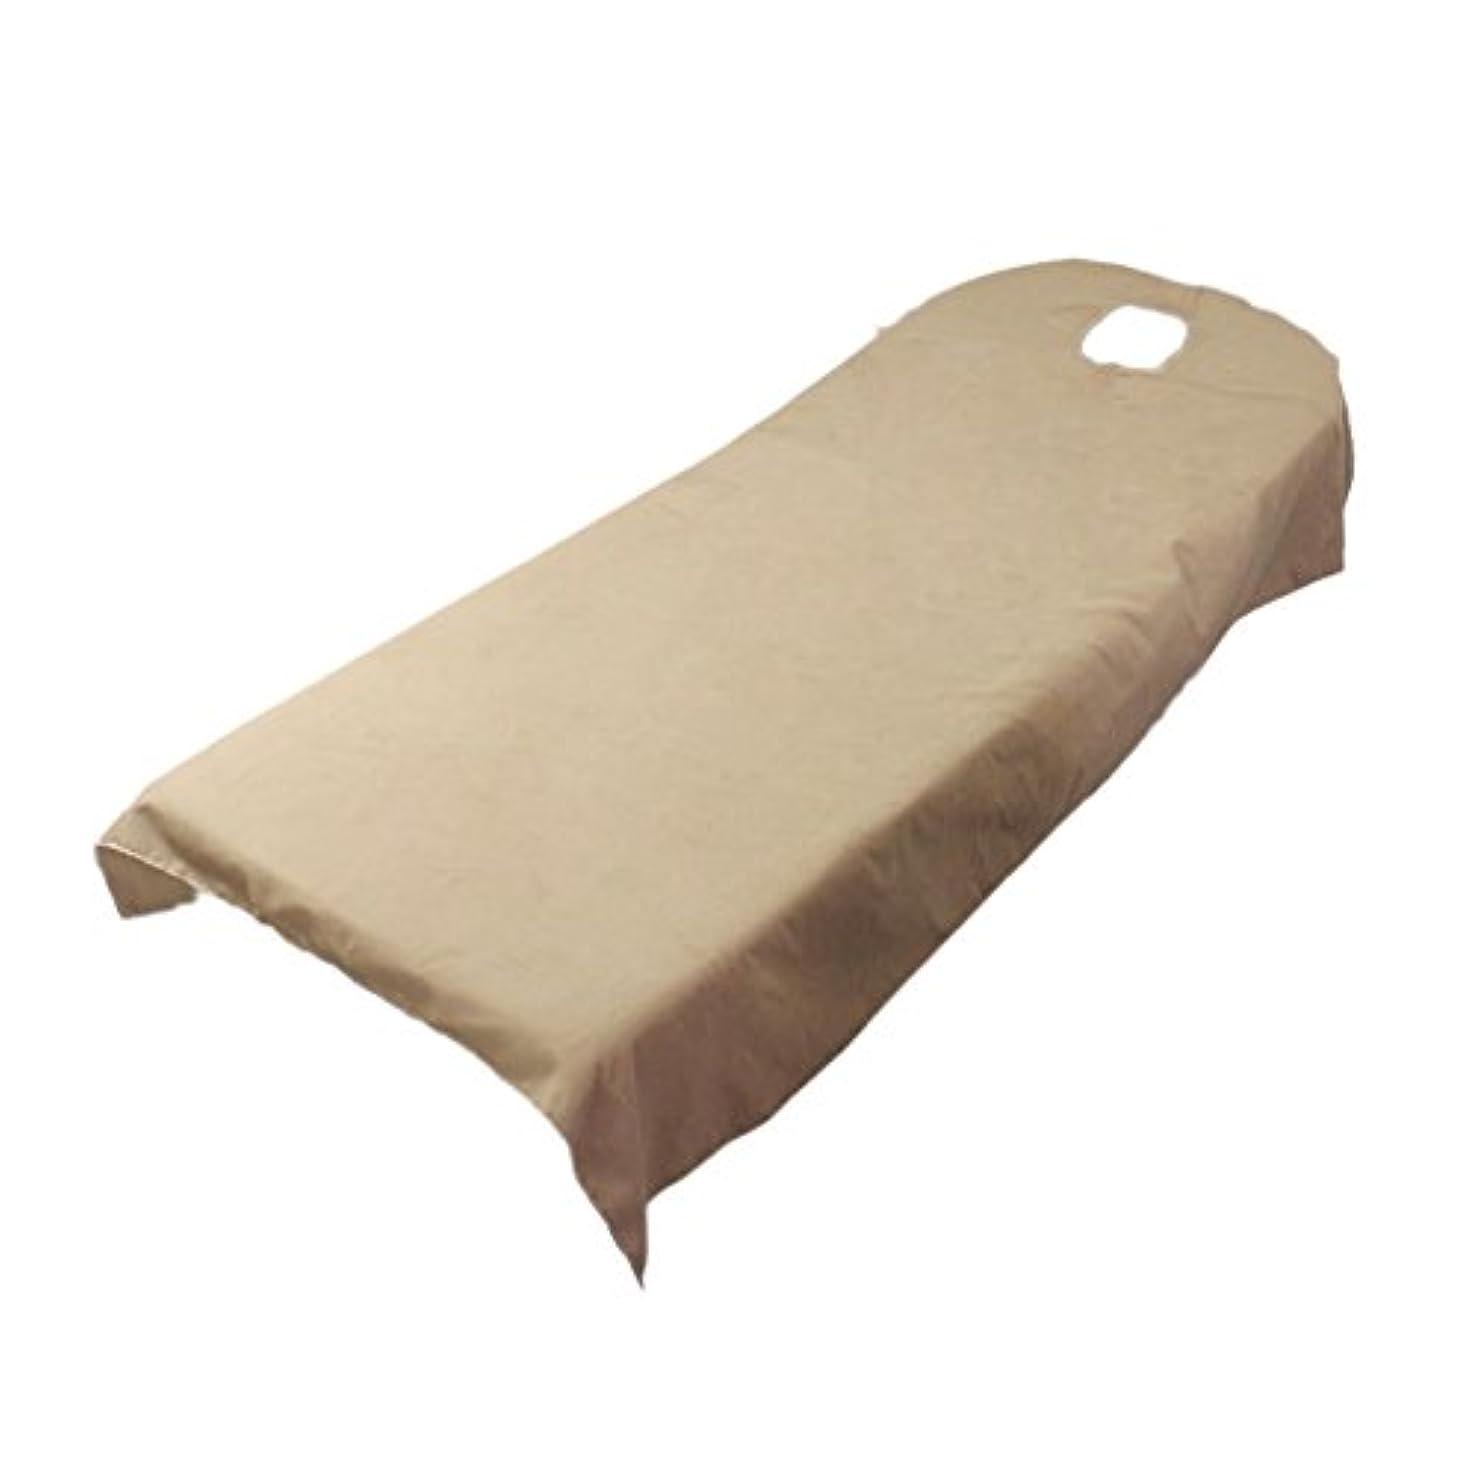 粘り強い温かい安定したHomyl 柔らかい ベッドカバー シート ホール付き 美容/マッサージ/スパ専用 全9色可選 - キャメル